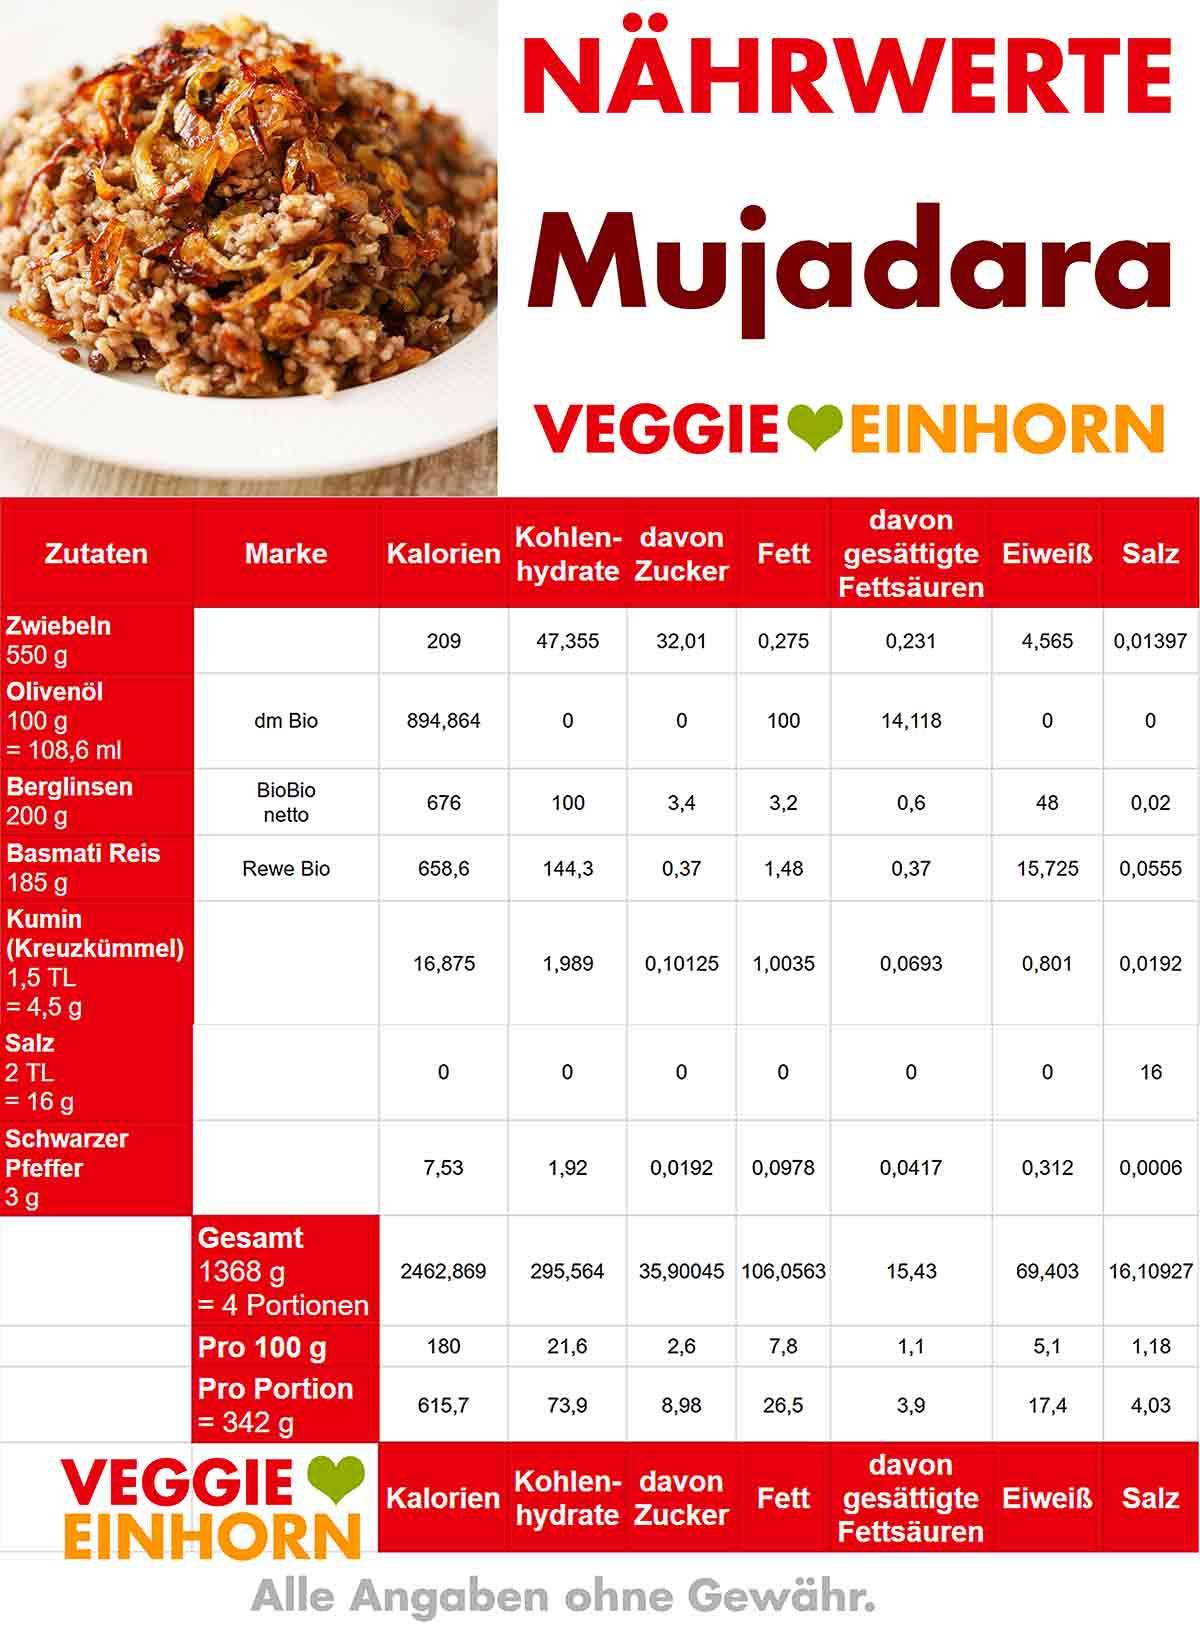 Nährwerte Tabelle von Mujadara